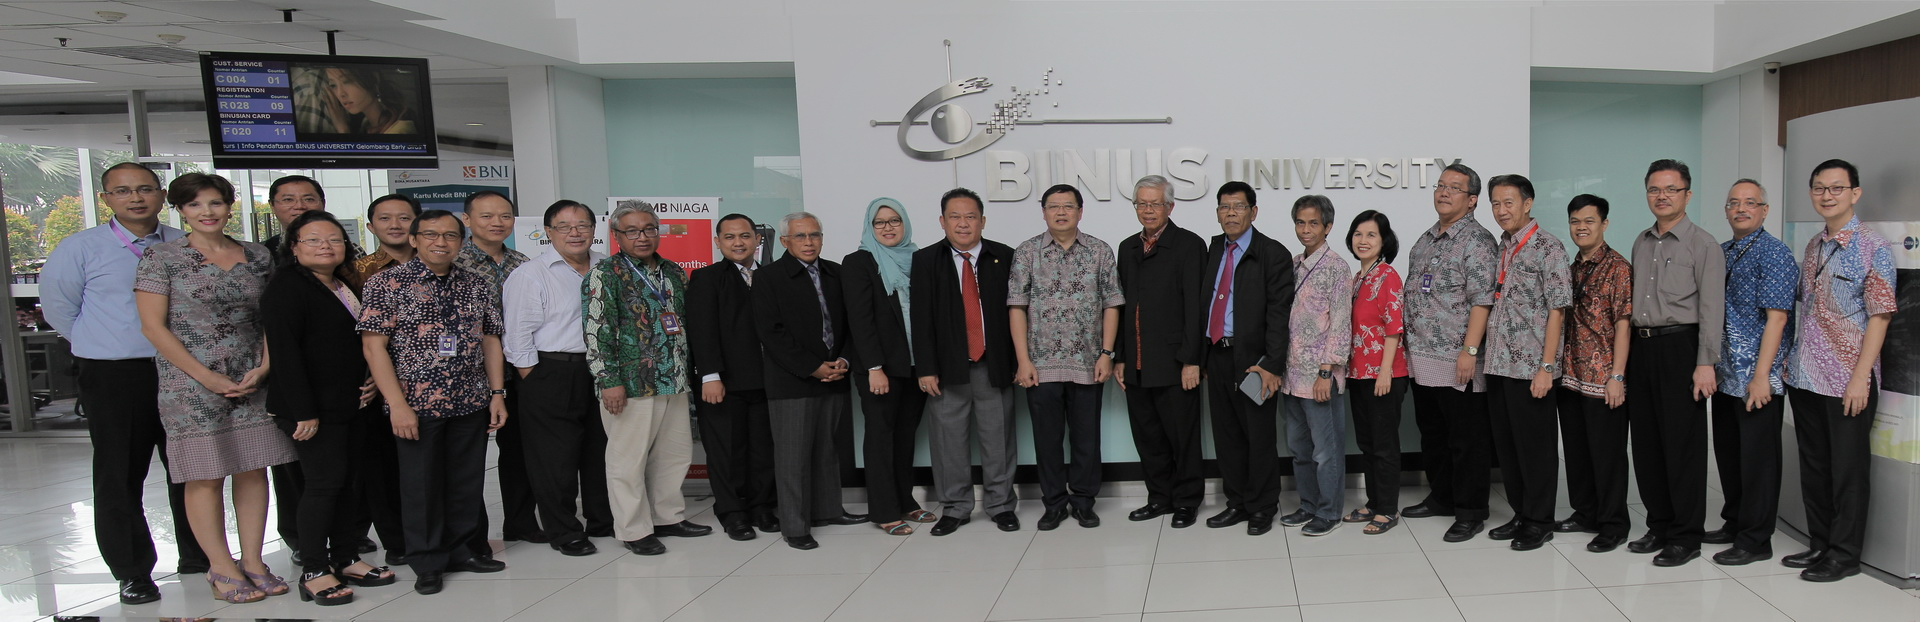 Foto Bersama Pimpinan BINUS University bersama dengan Tim Examiner IQA 2015